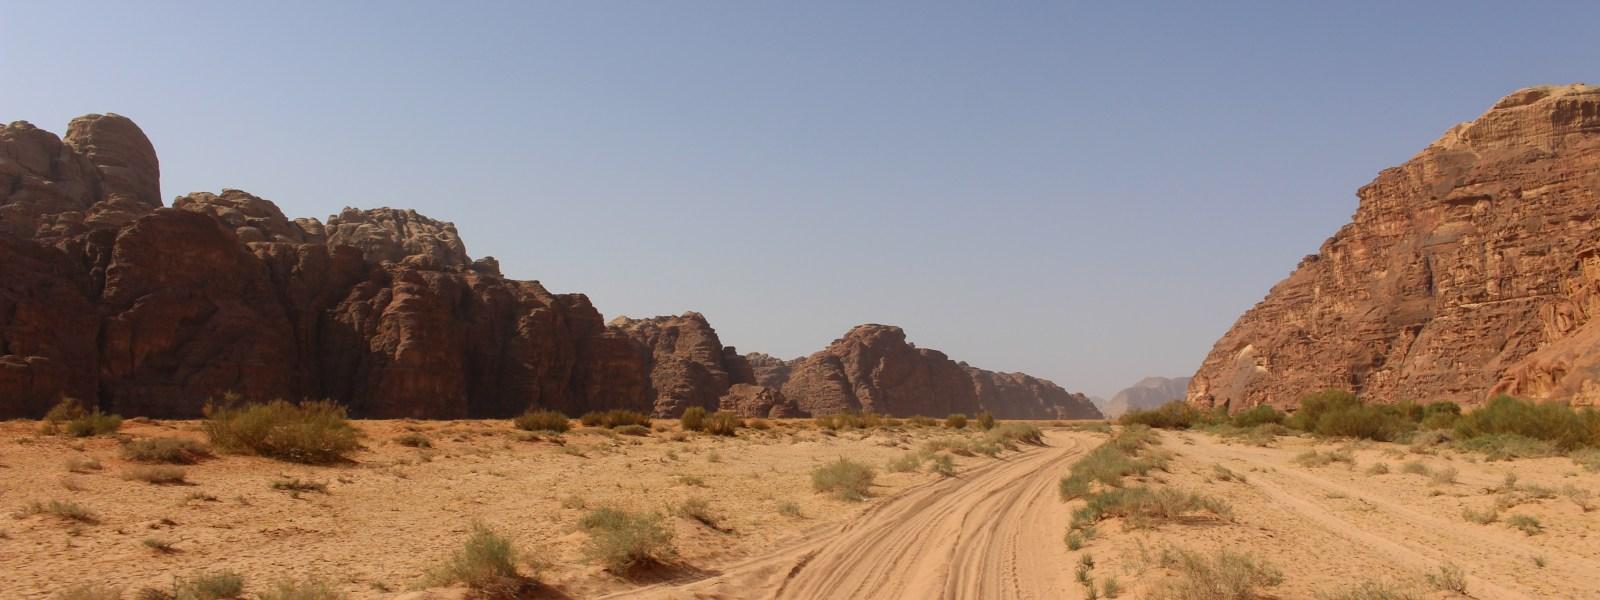 15 dingen om te weten voordat je naar Jordanië gaat